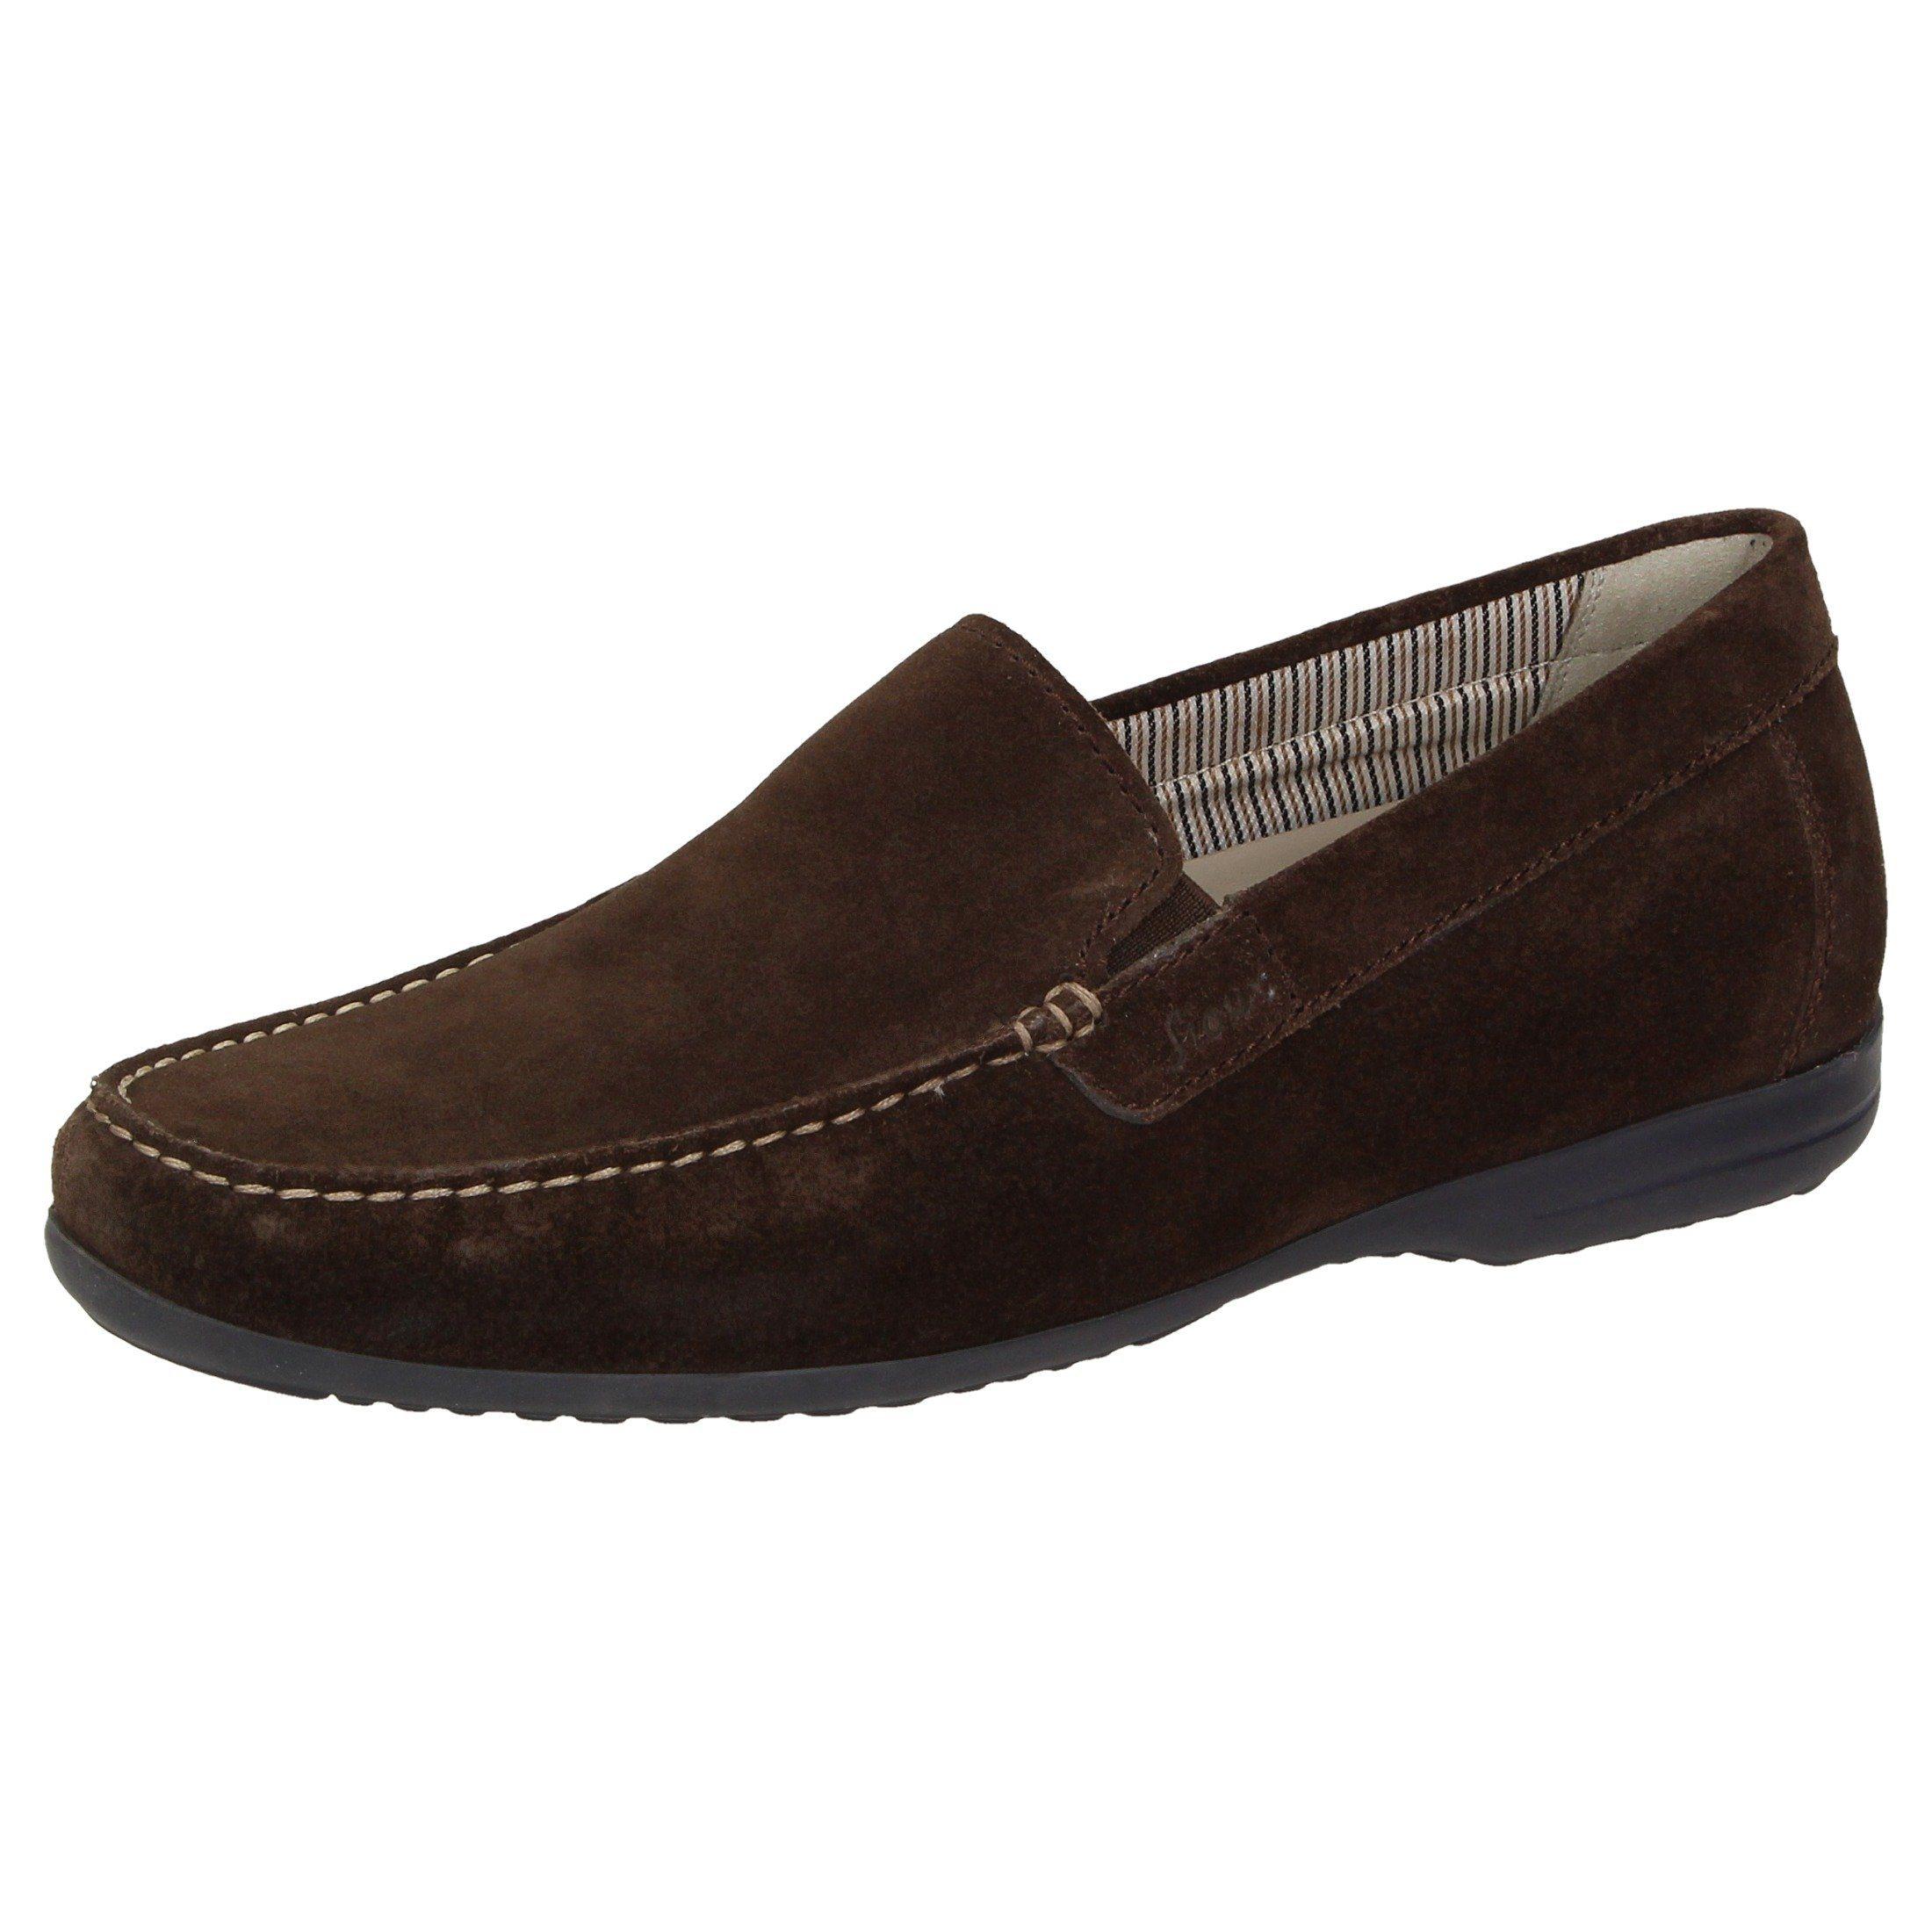 Sioux Sioux Sioux Schuhe Größe 9, NEU, Budapester Styling